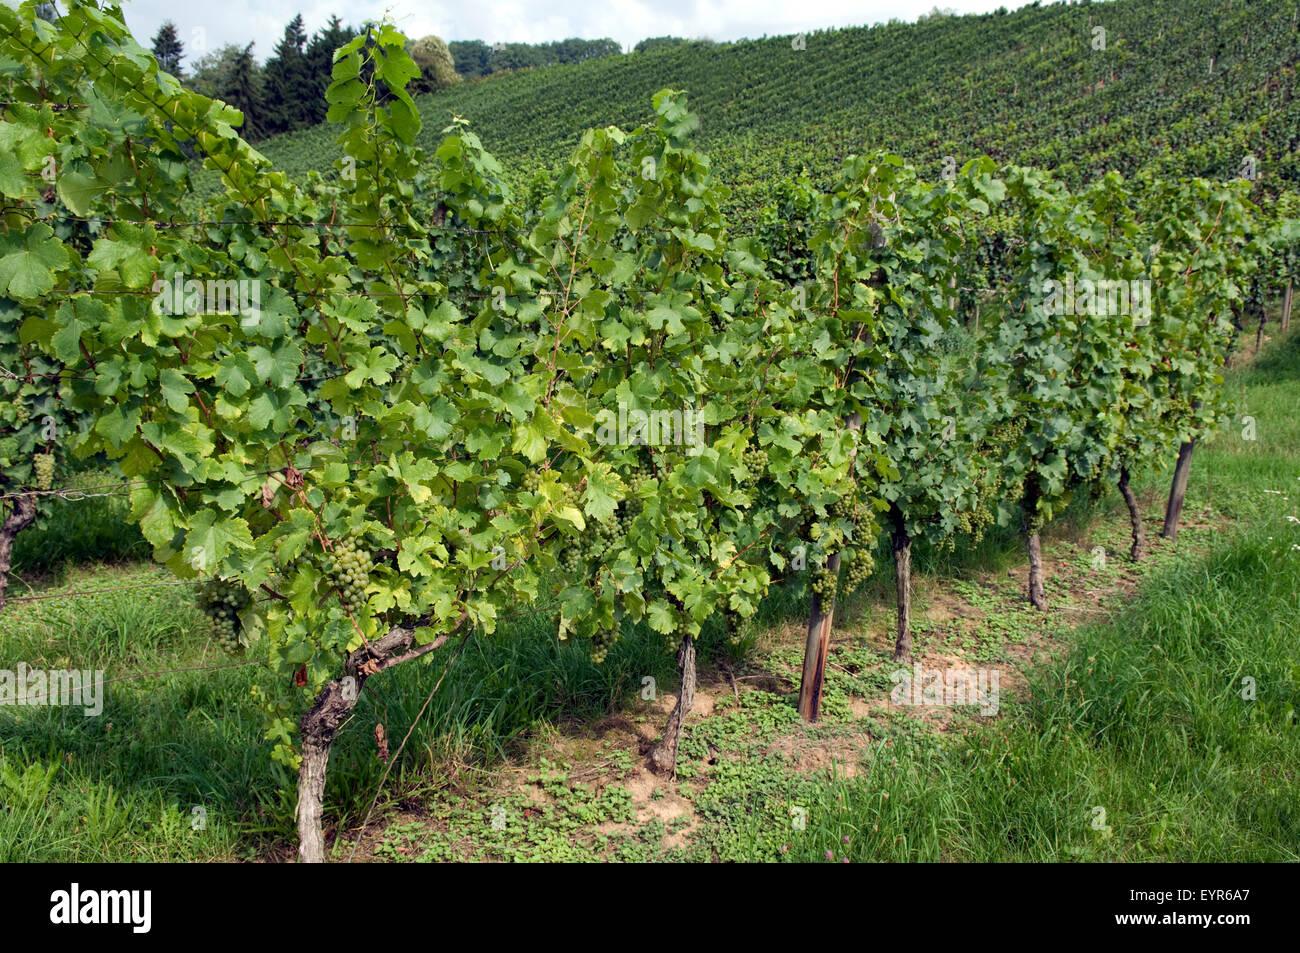 Weinberg, Gruener Veltiner, Wein, Weinpflanzen, Reben, Fruechte, Beeren, Obst,- Stockbild